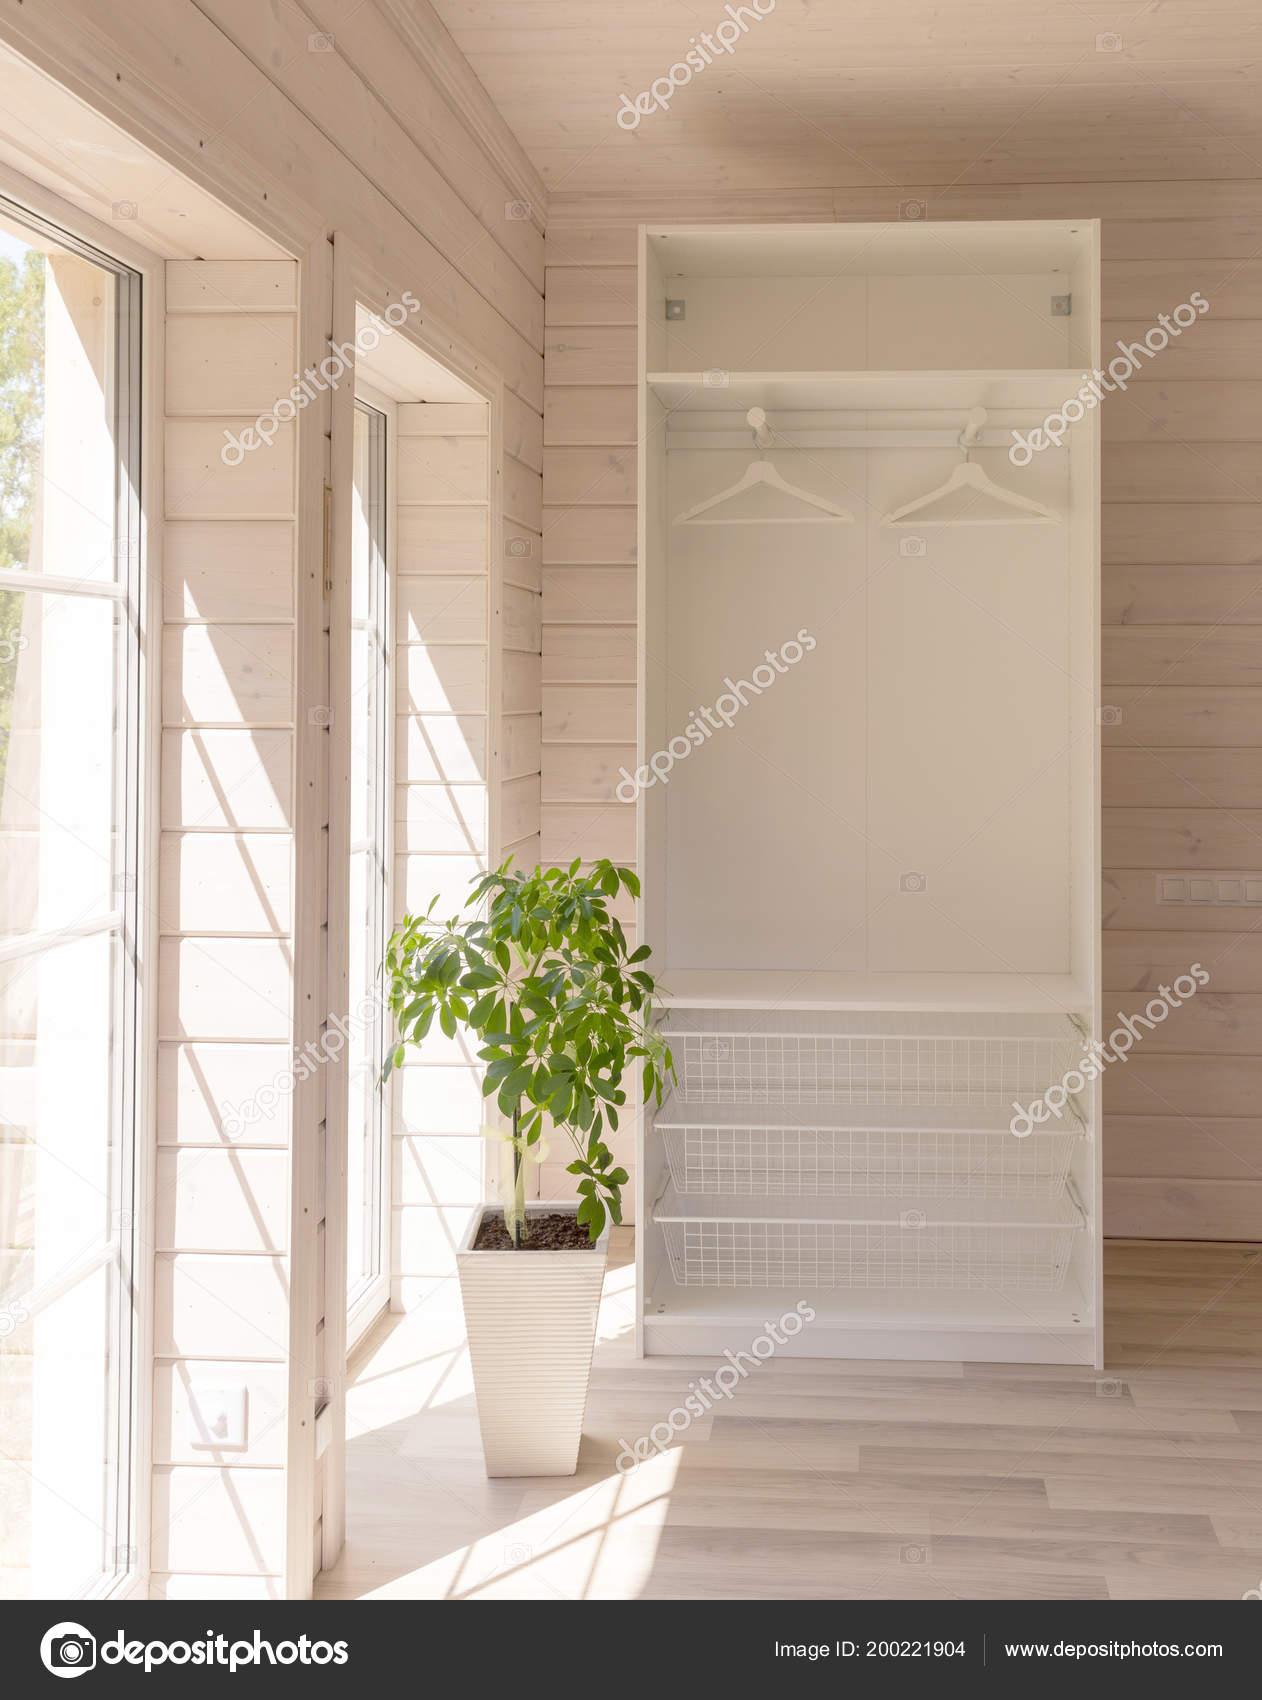 scandinavische stijl appartementen lichte slaapkamer interieur in een organische houten huis van witte kleur